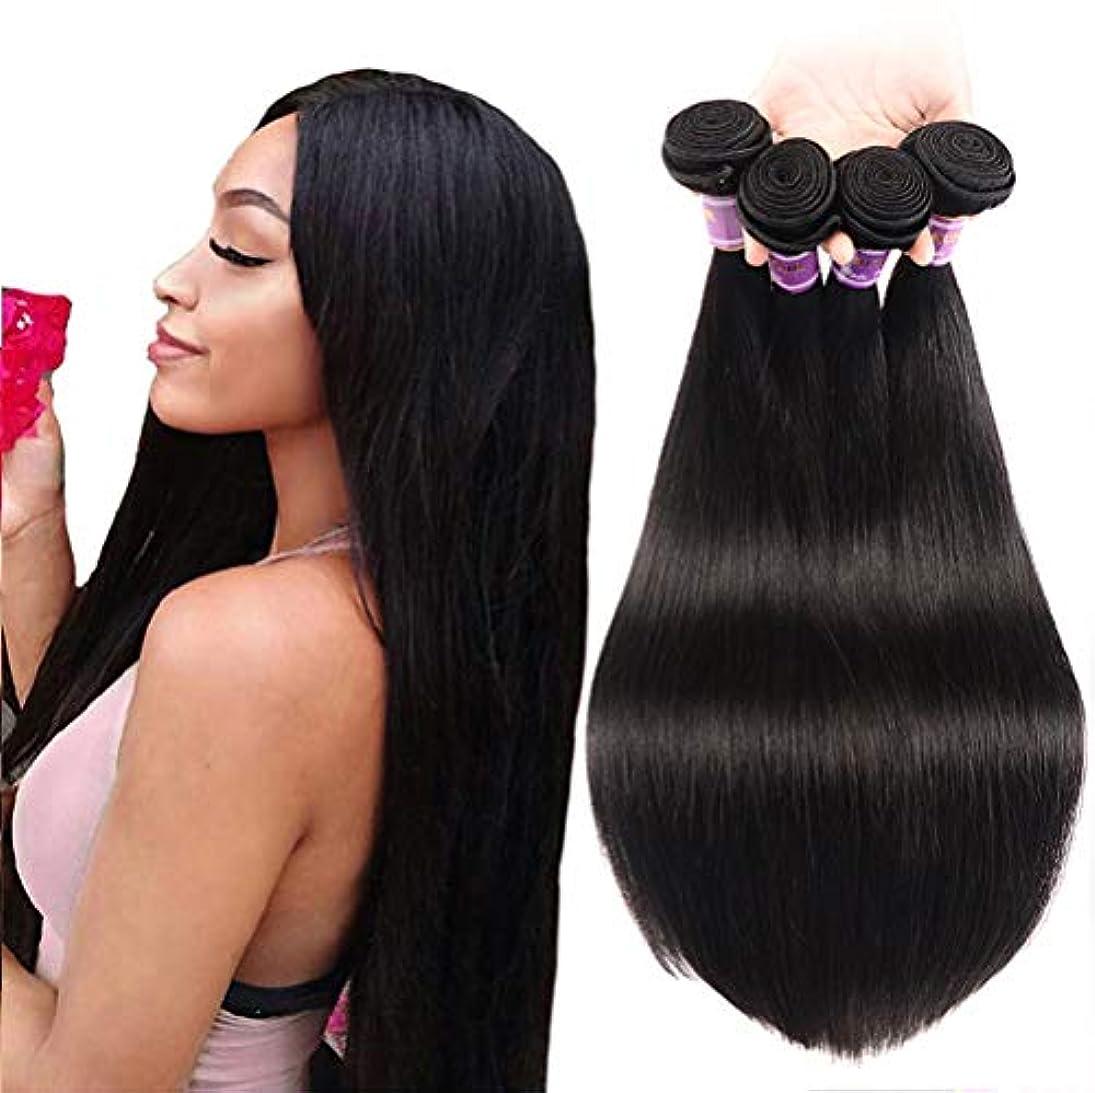 神聖トラブル悲しいことに女性ブラジルバージン人間の髪の毛1バンドルストレートウェーブ横糸100%本物の人間の髪の毛の拡張子髪織り